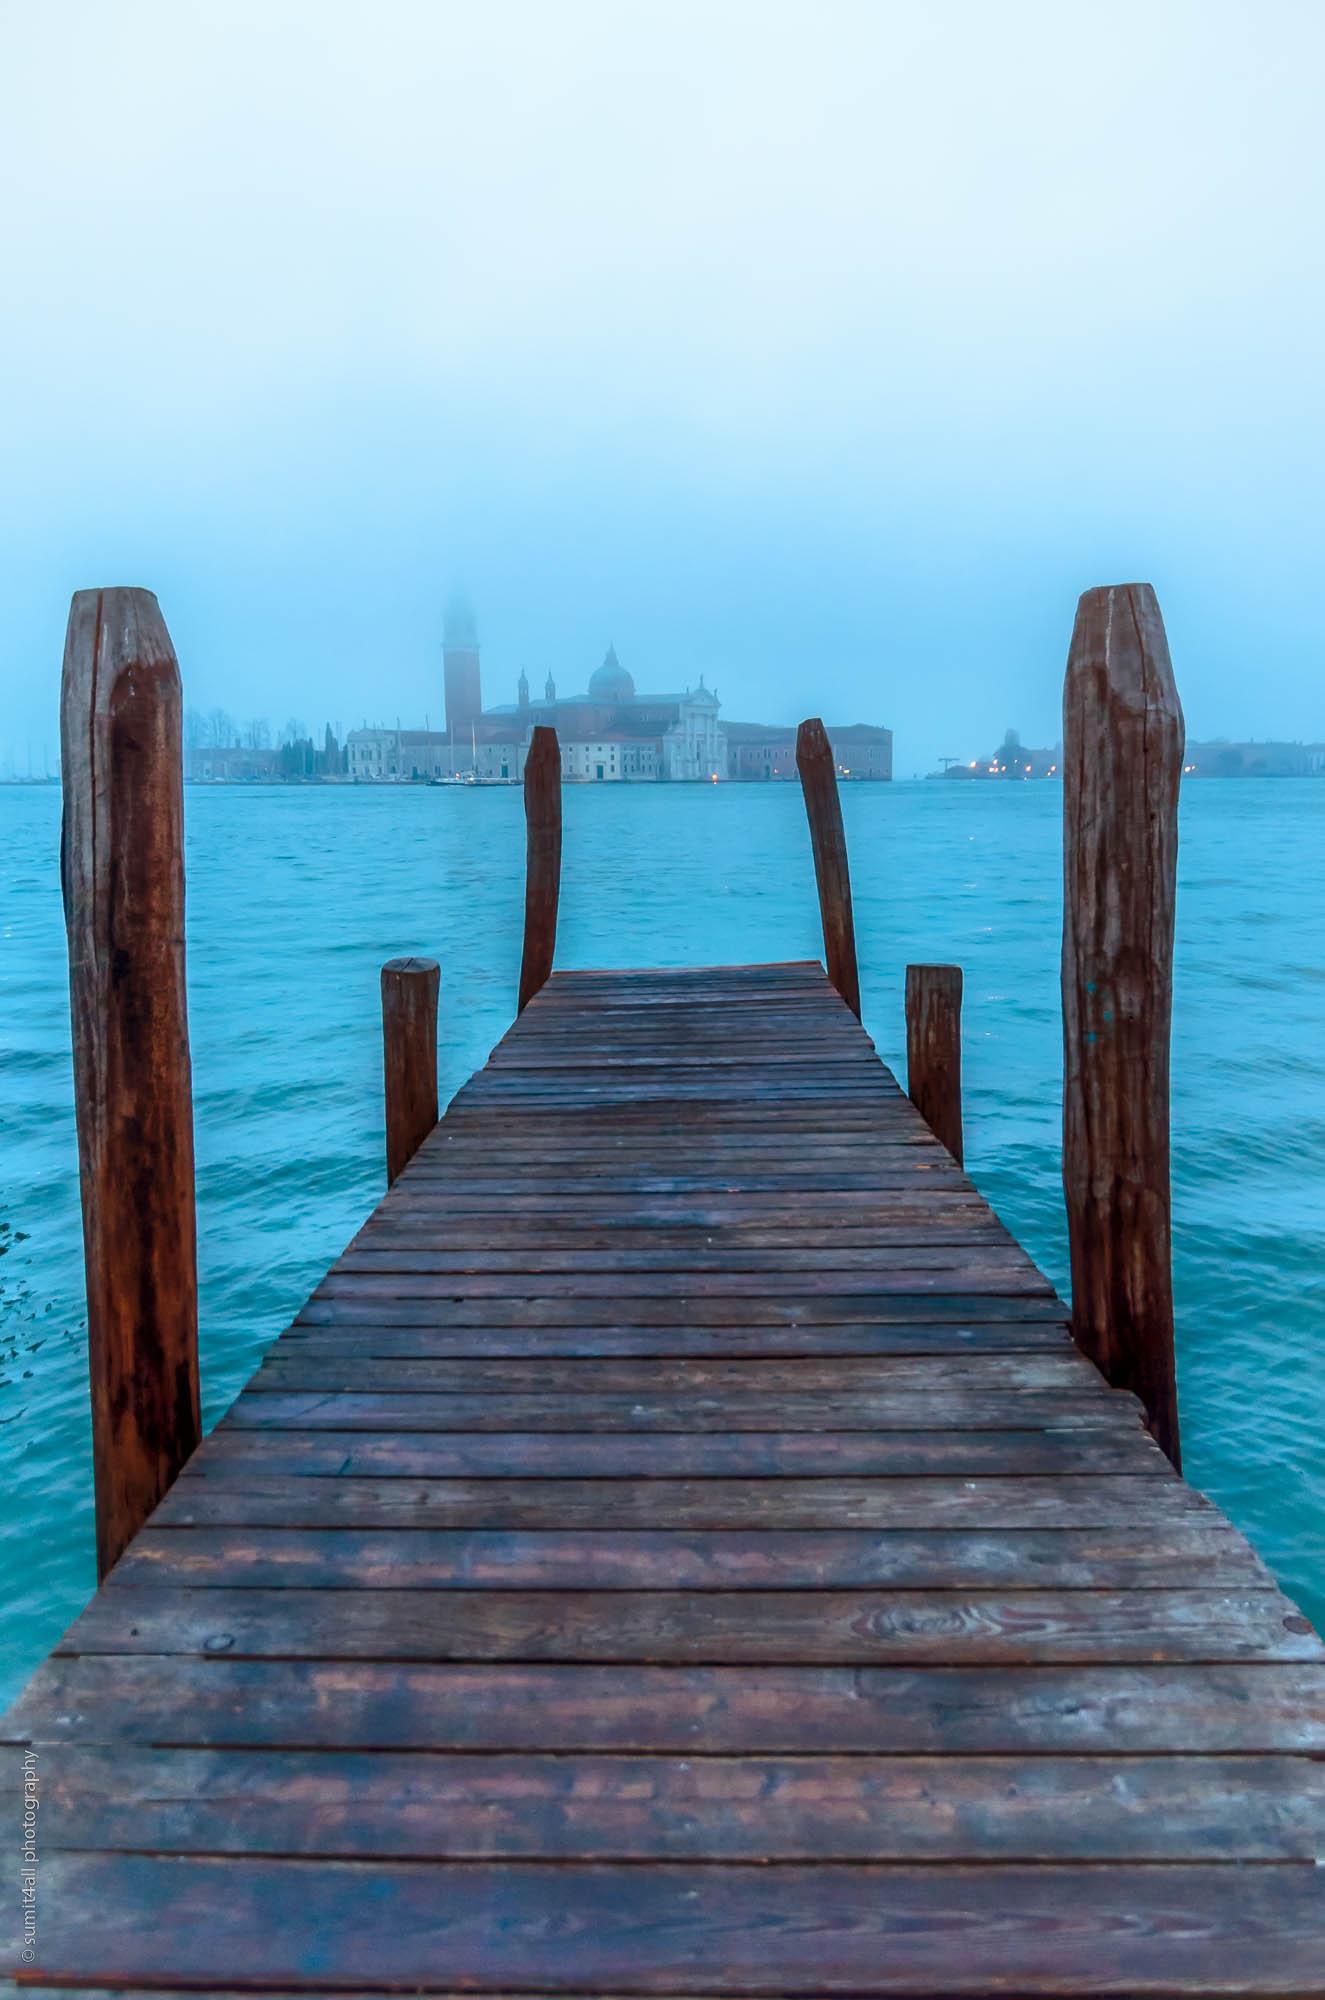 Foggy Morning in Venice, Italy